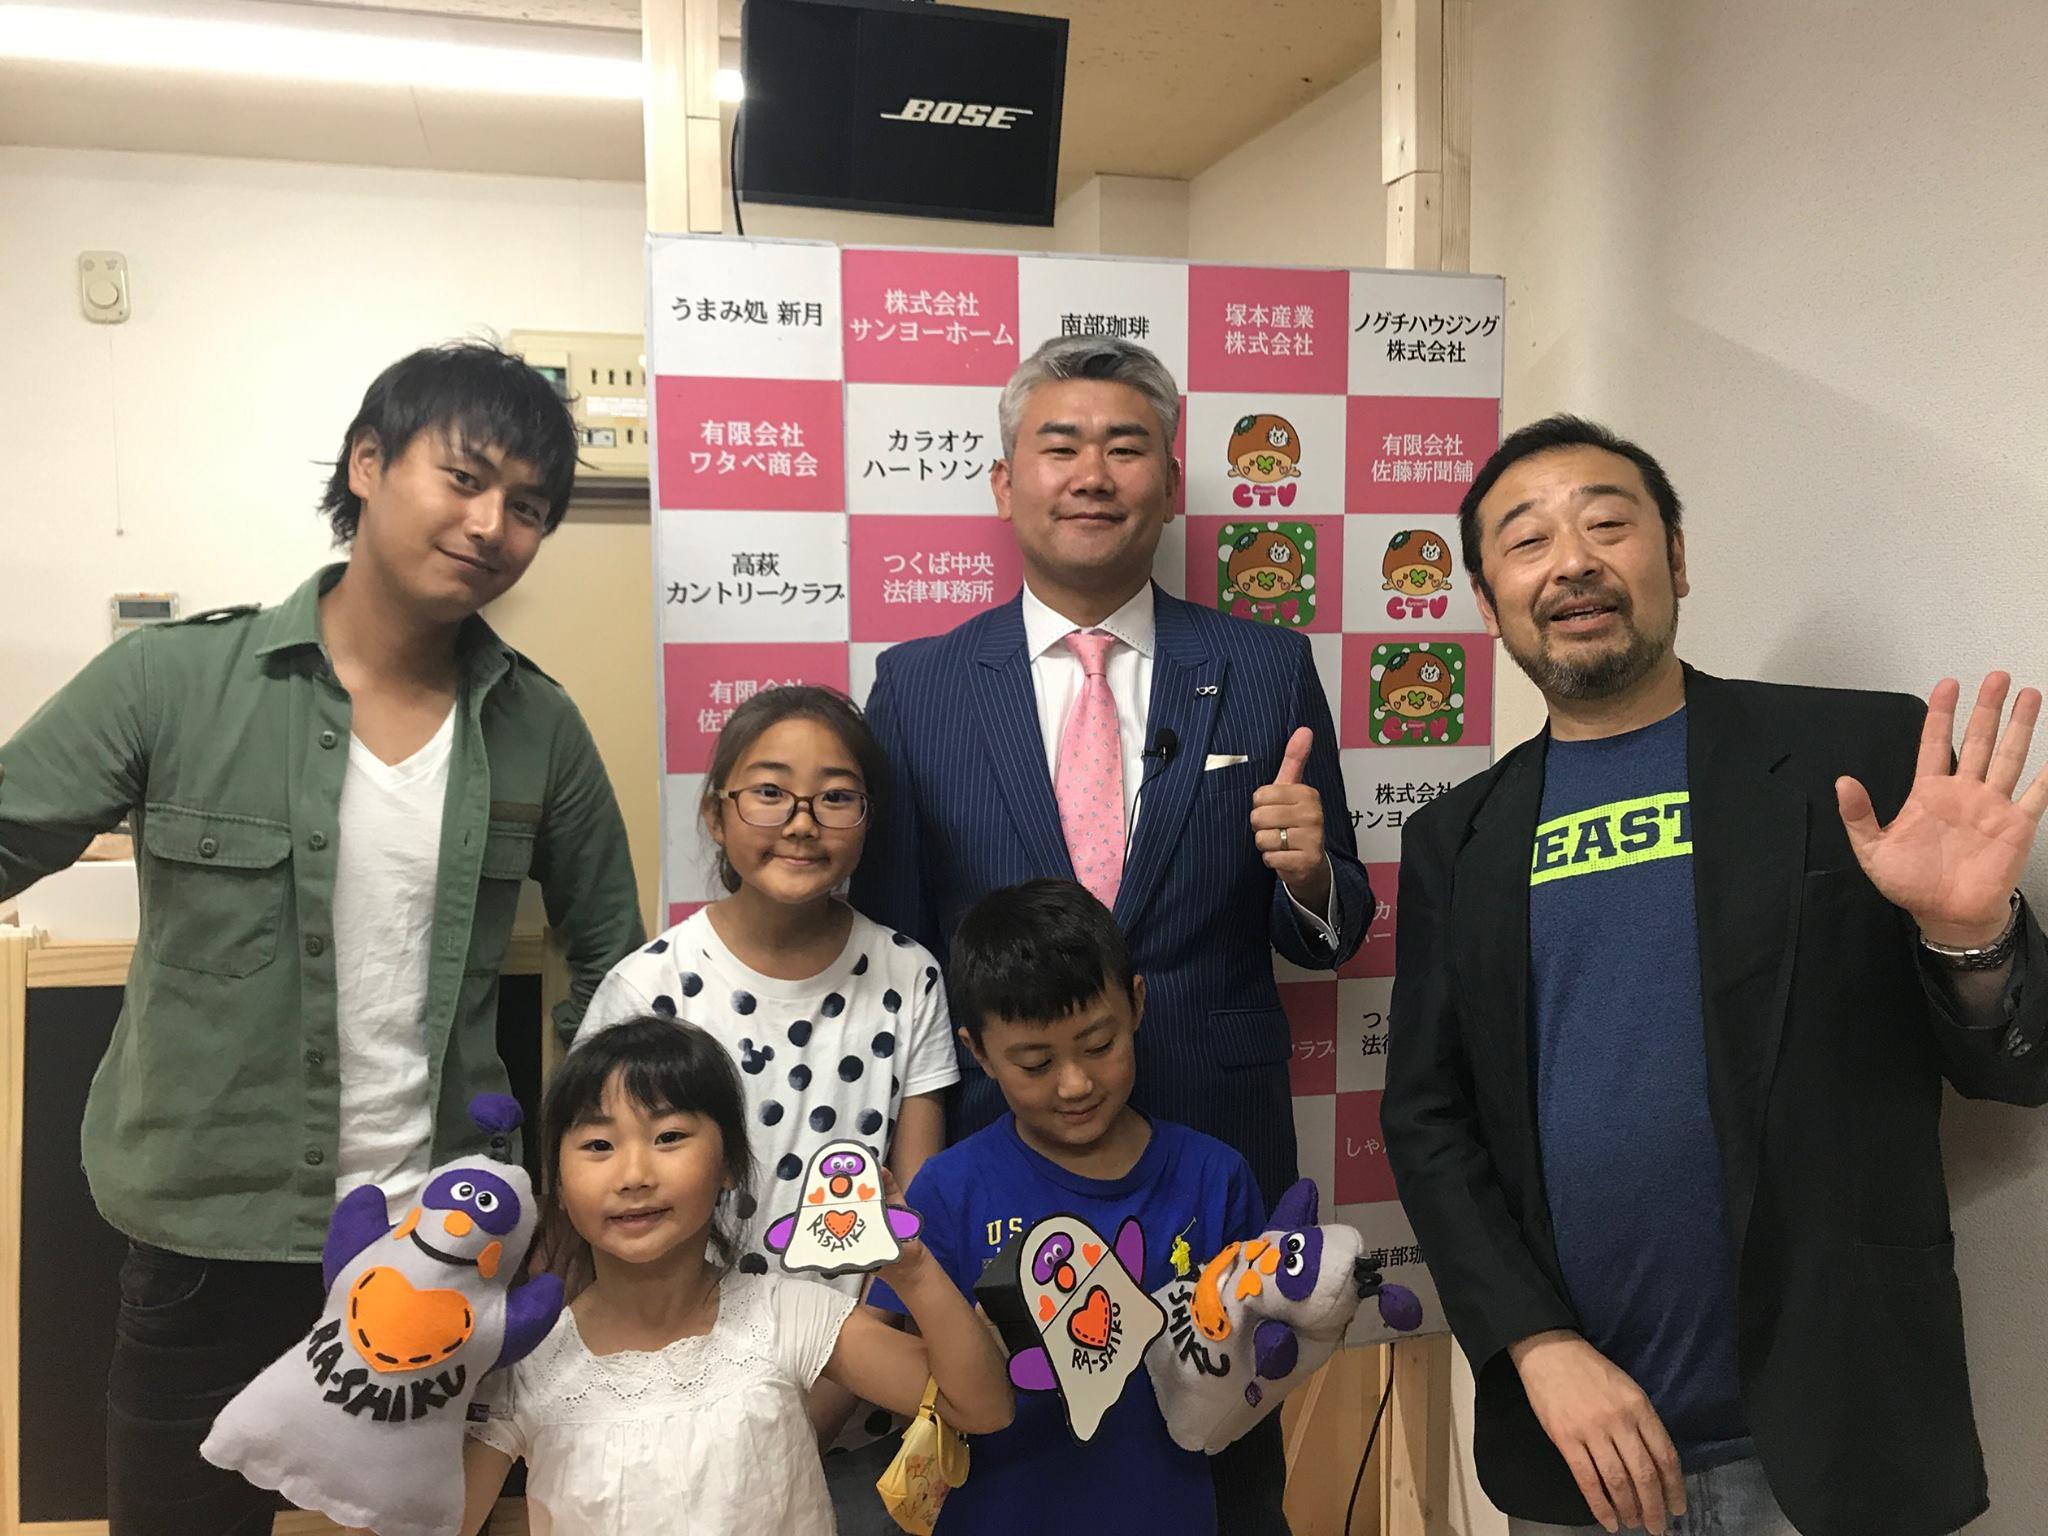 [2017/6/2] ♡夕暮れモーモー #37♡ゲスト くるちゃん